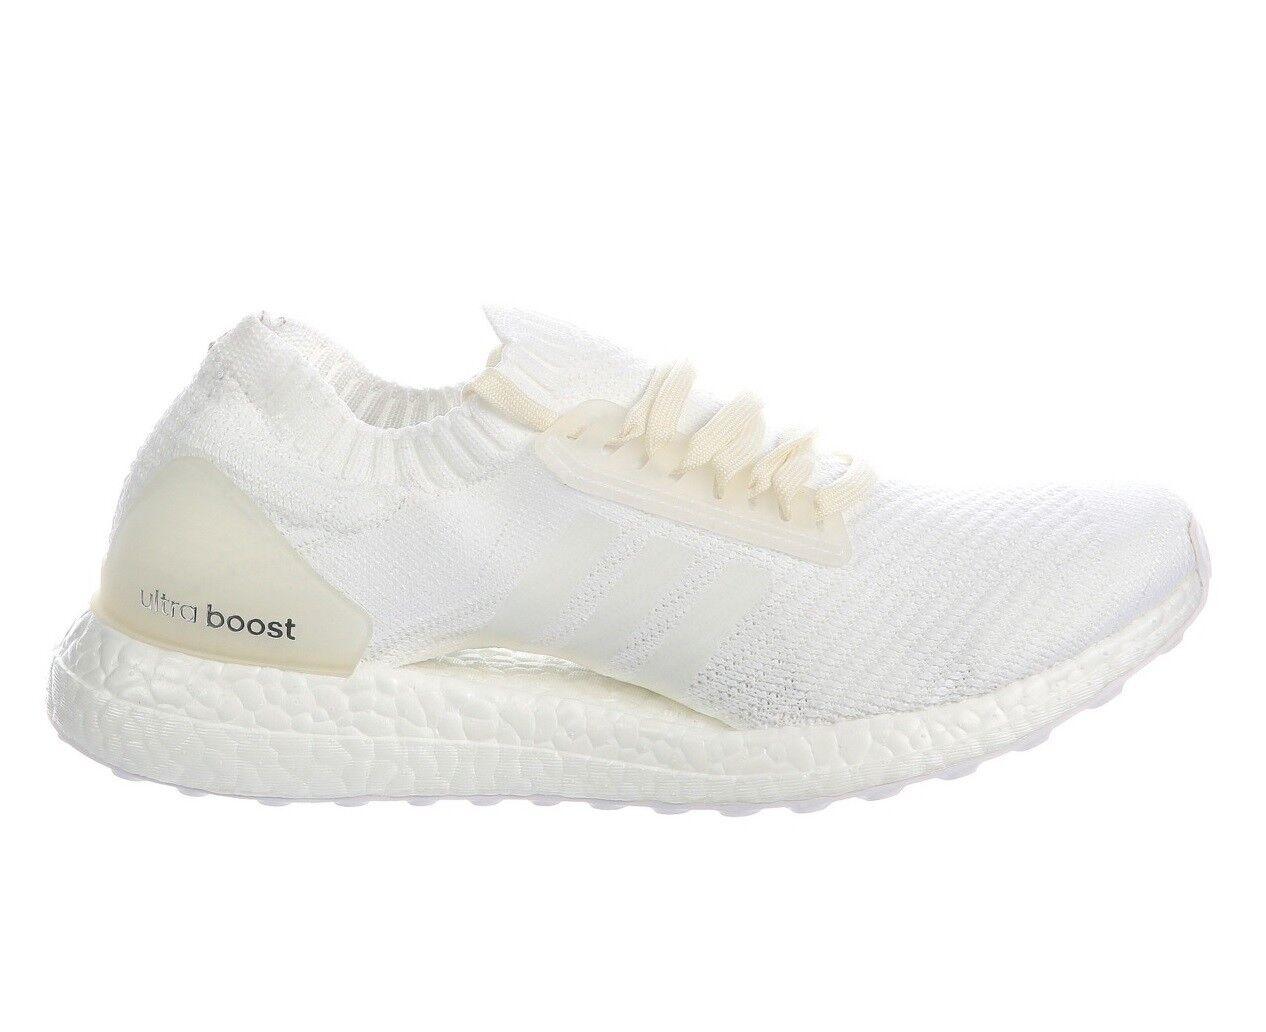 Adidas Ultra Boost X Undye Womens BB6159 Nondye Primeknit Running Shoes Size 10